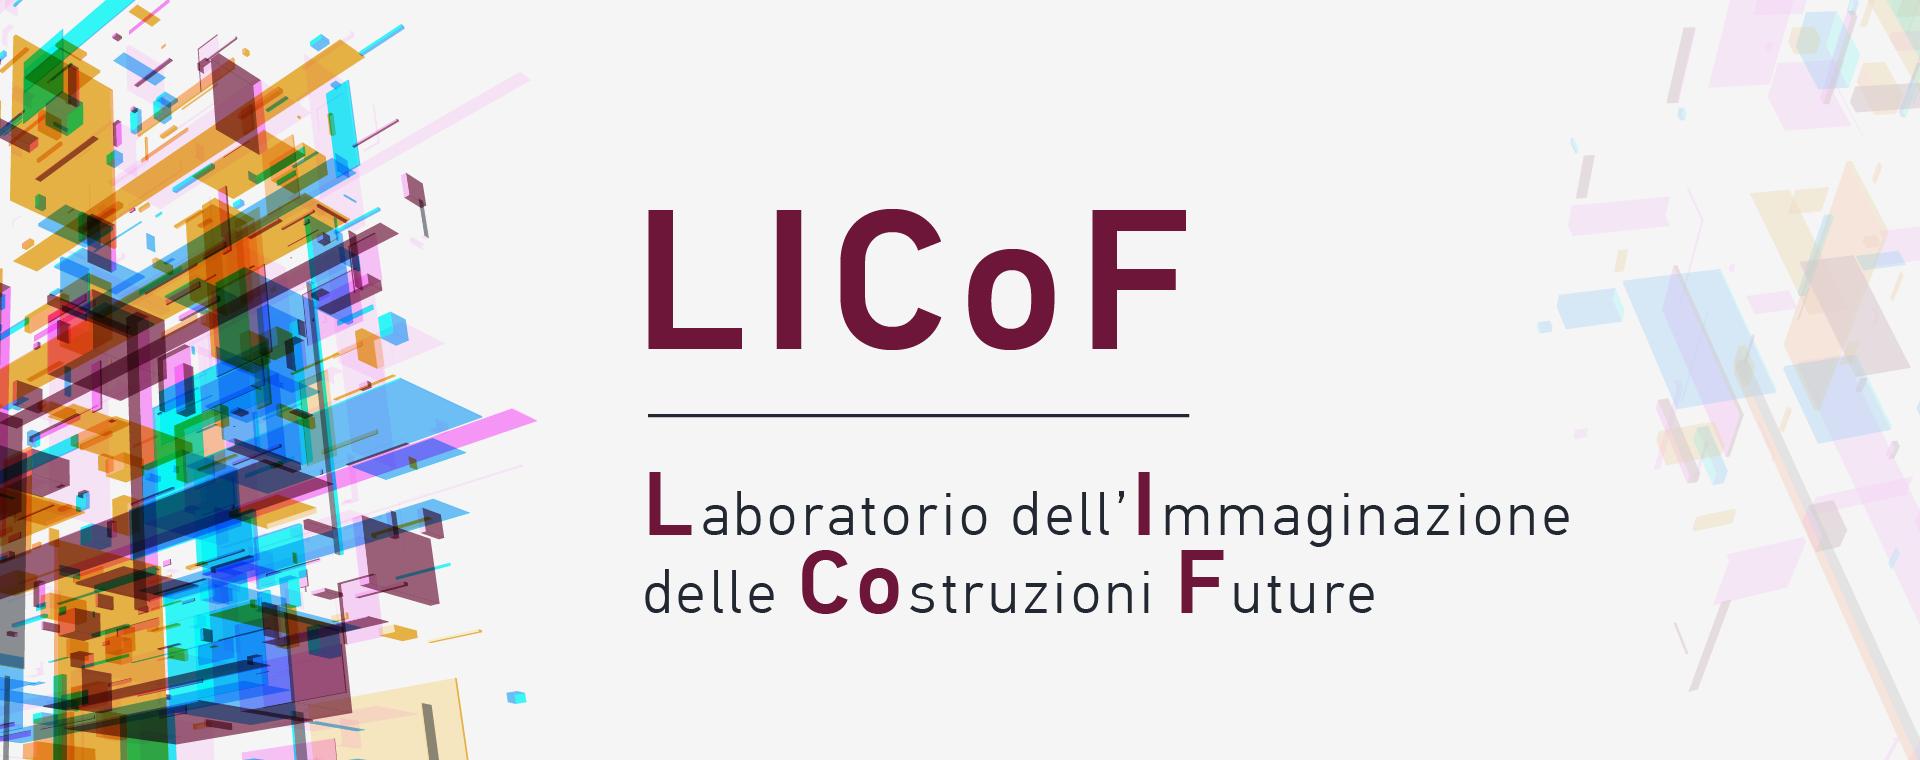 IP4FVG presenta LICoF, il Laboratorio dell'Immaginazione delle Costruzioni Future